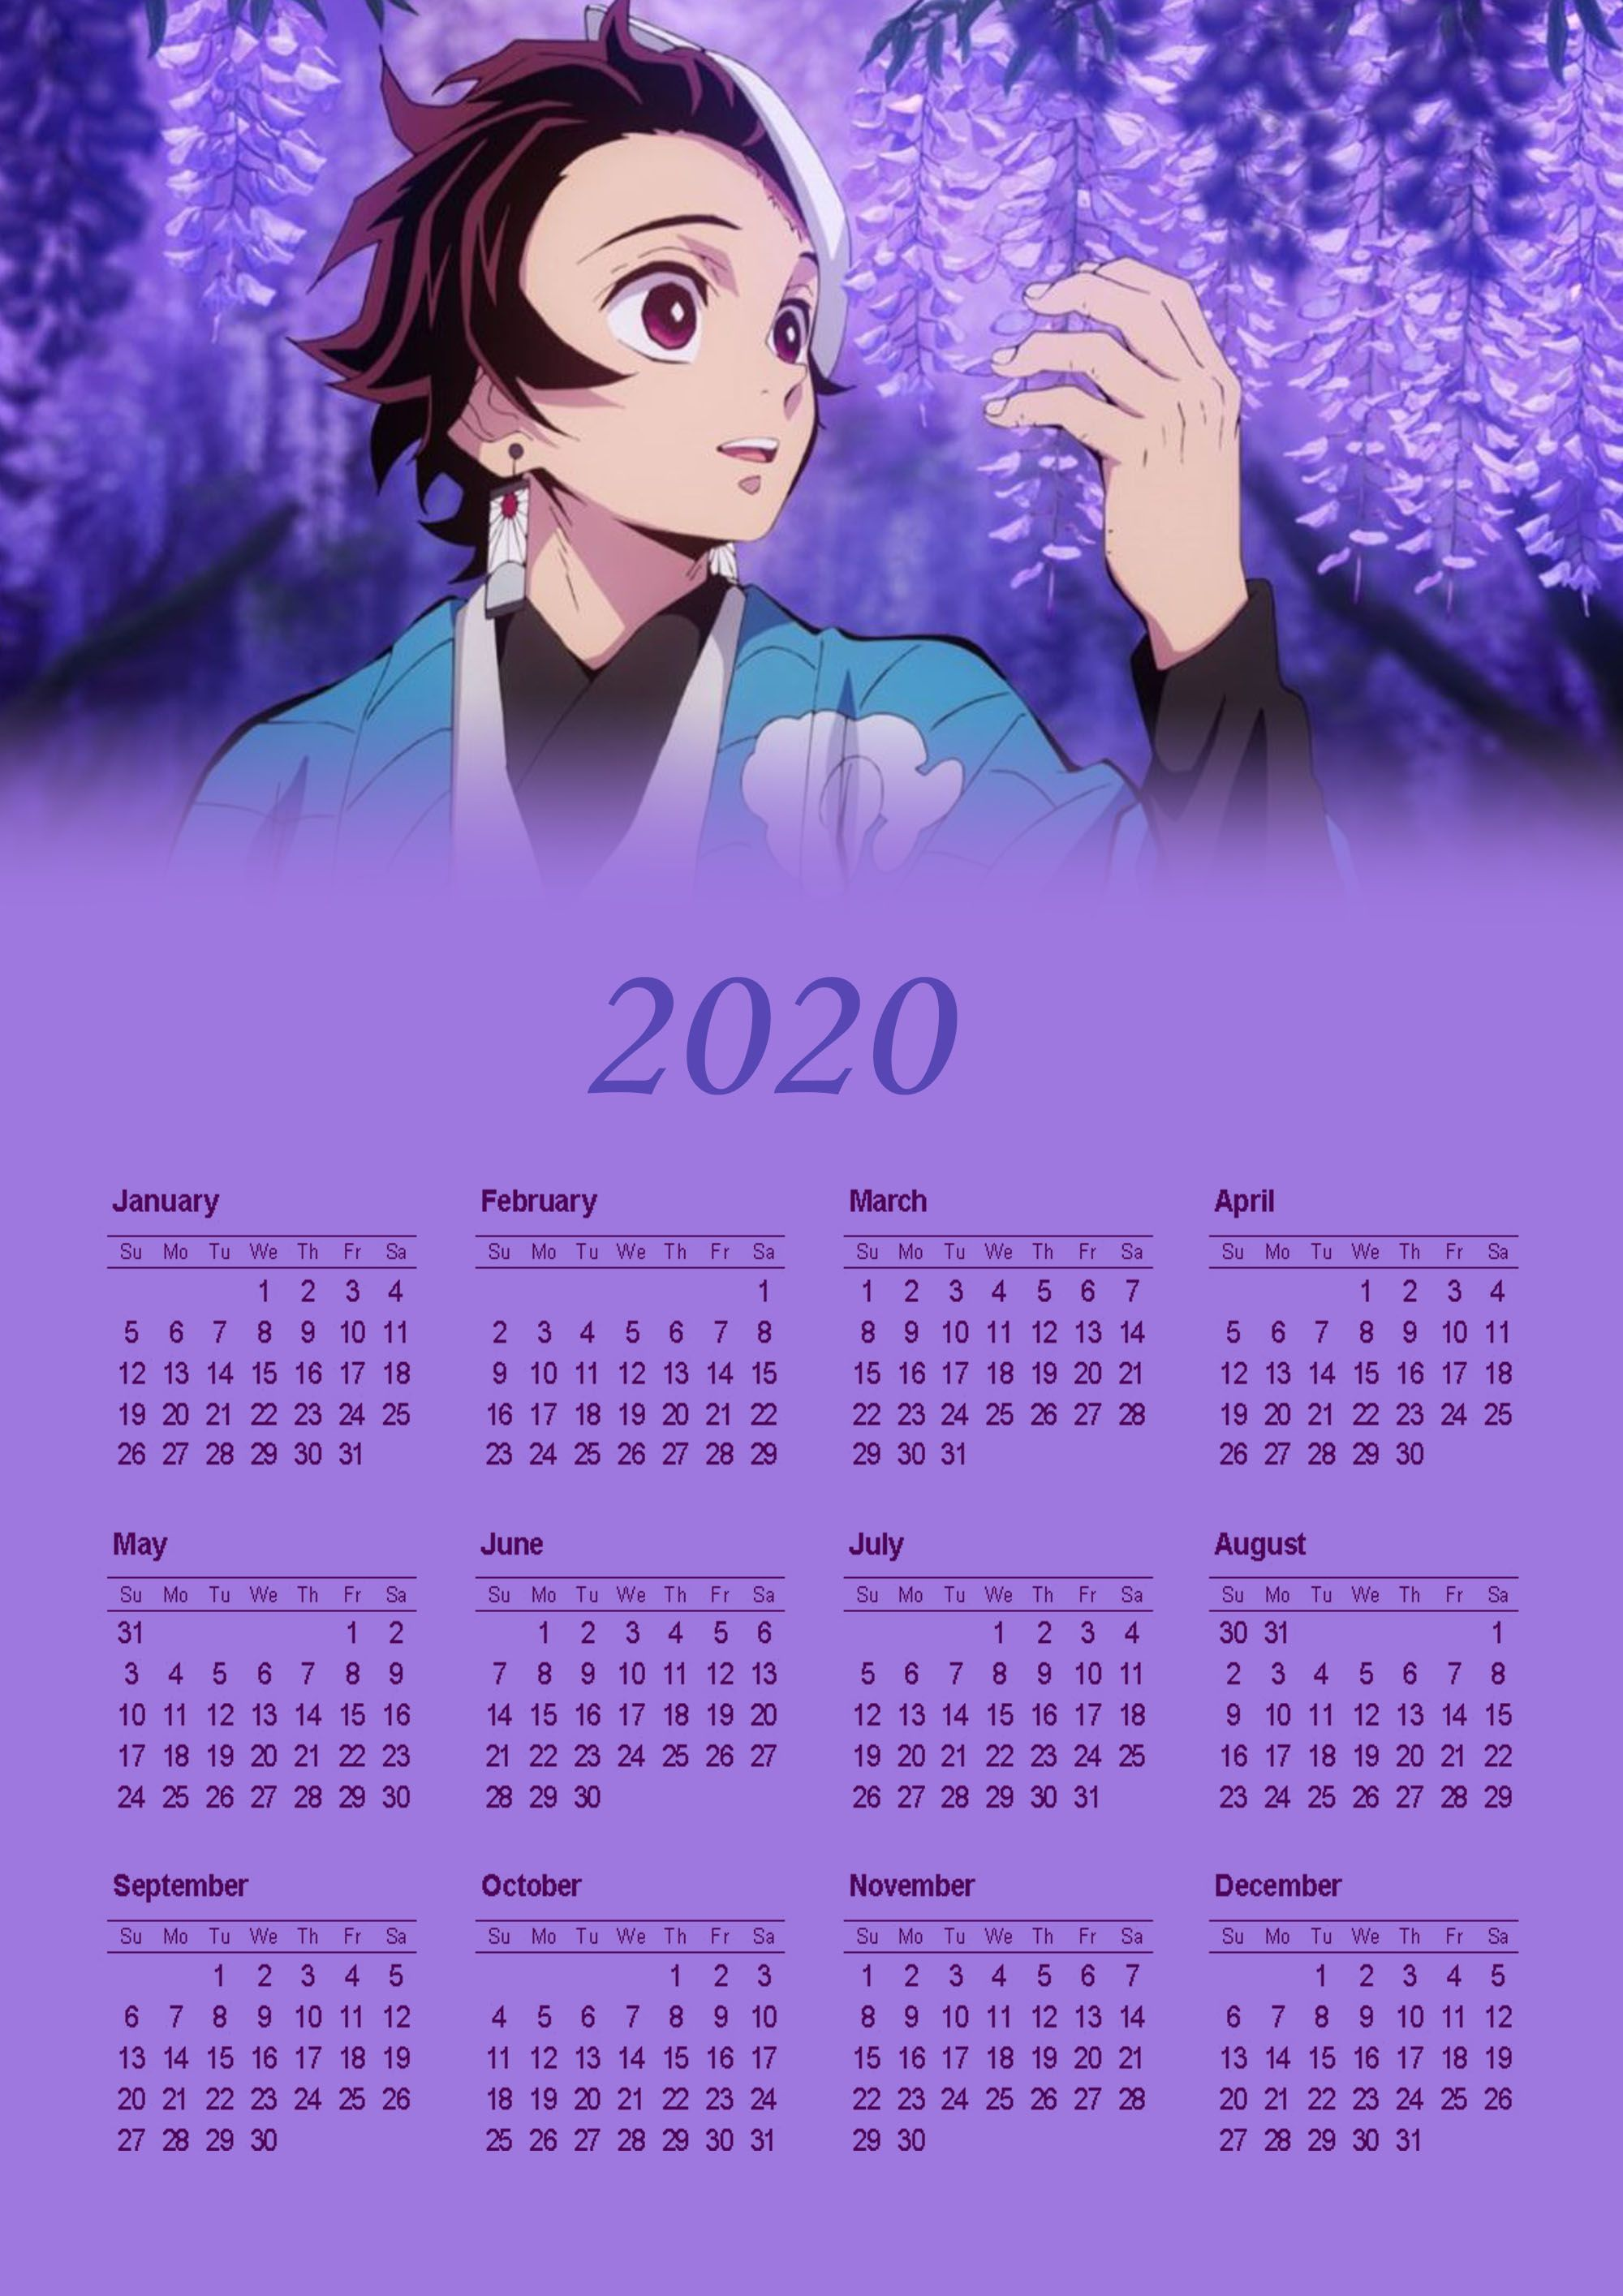 2020 calendar em 2020 Anime, Desenhos